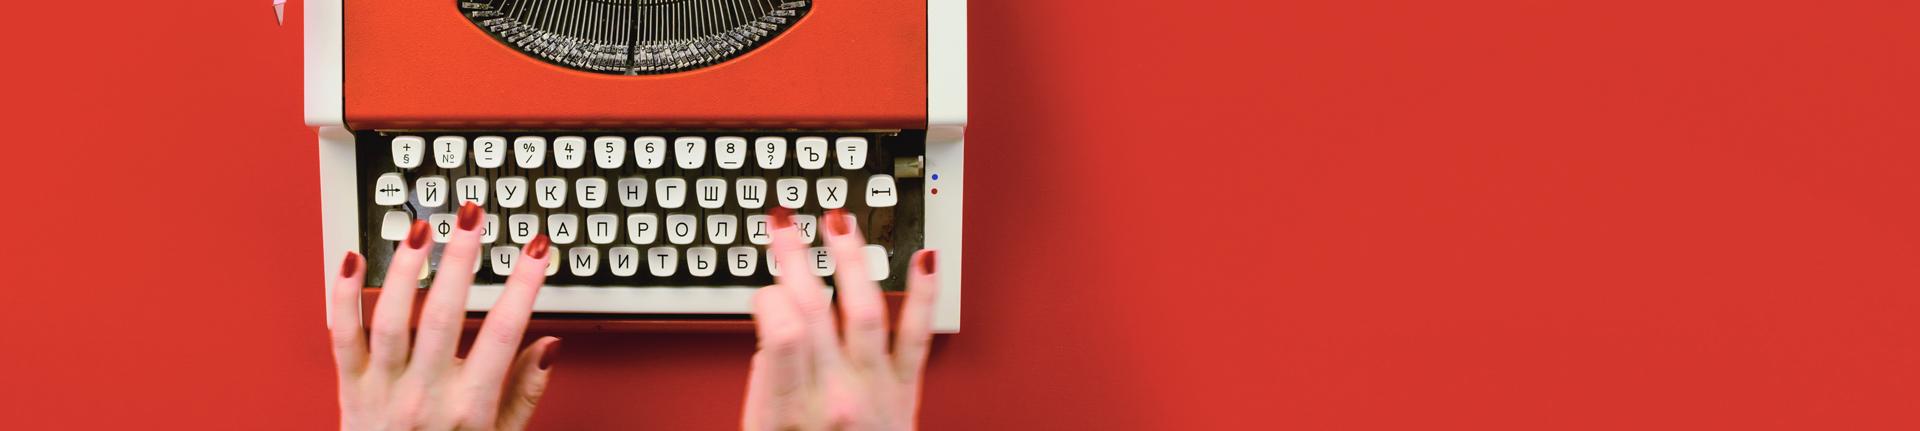 Imprensa: a presença de mulheres no jornalismo